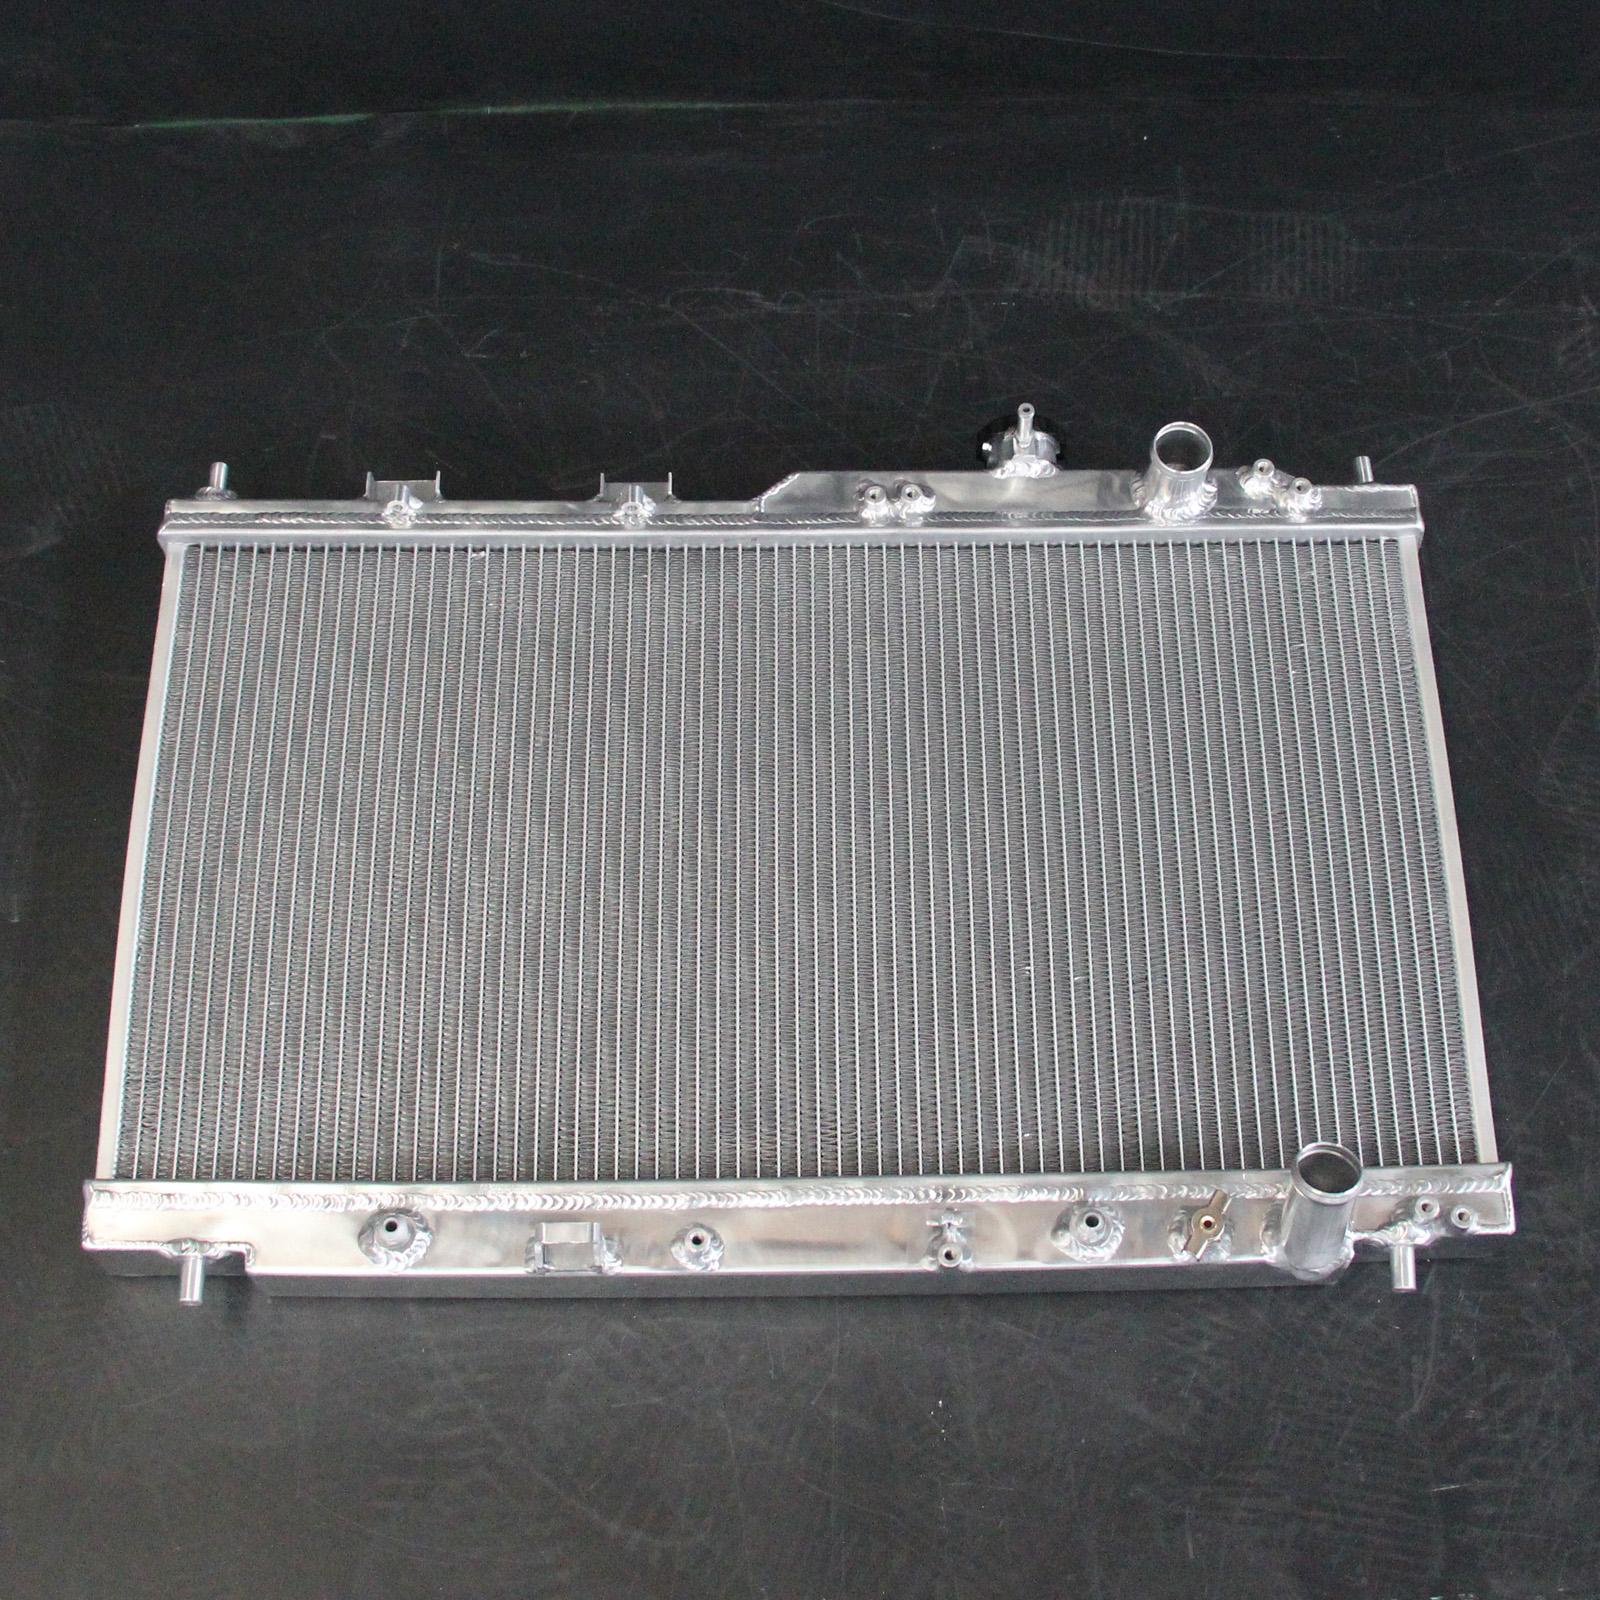 2-Row/CORE Aluminum Radiator For Acura Integra L4 AT MT 94